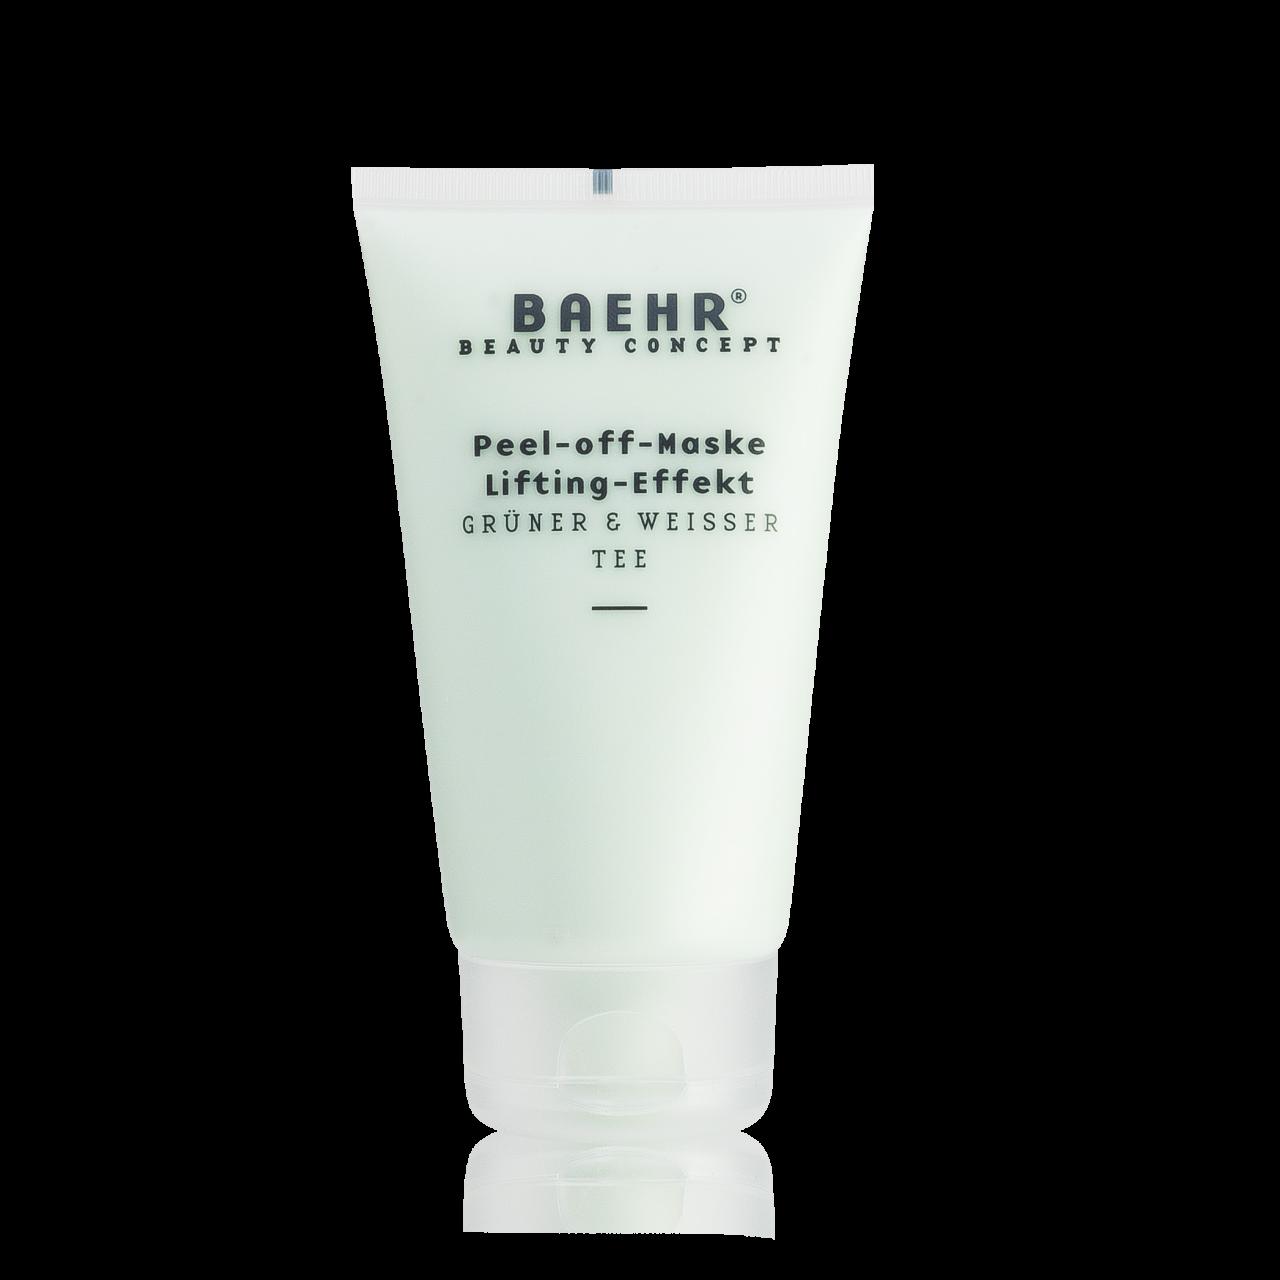 Peel-off-Maske Lifting-Effekt 150 ml